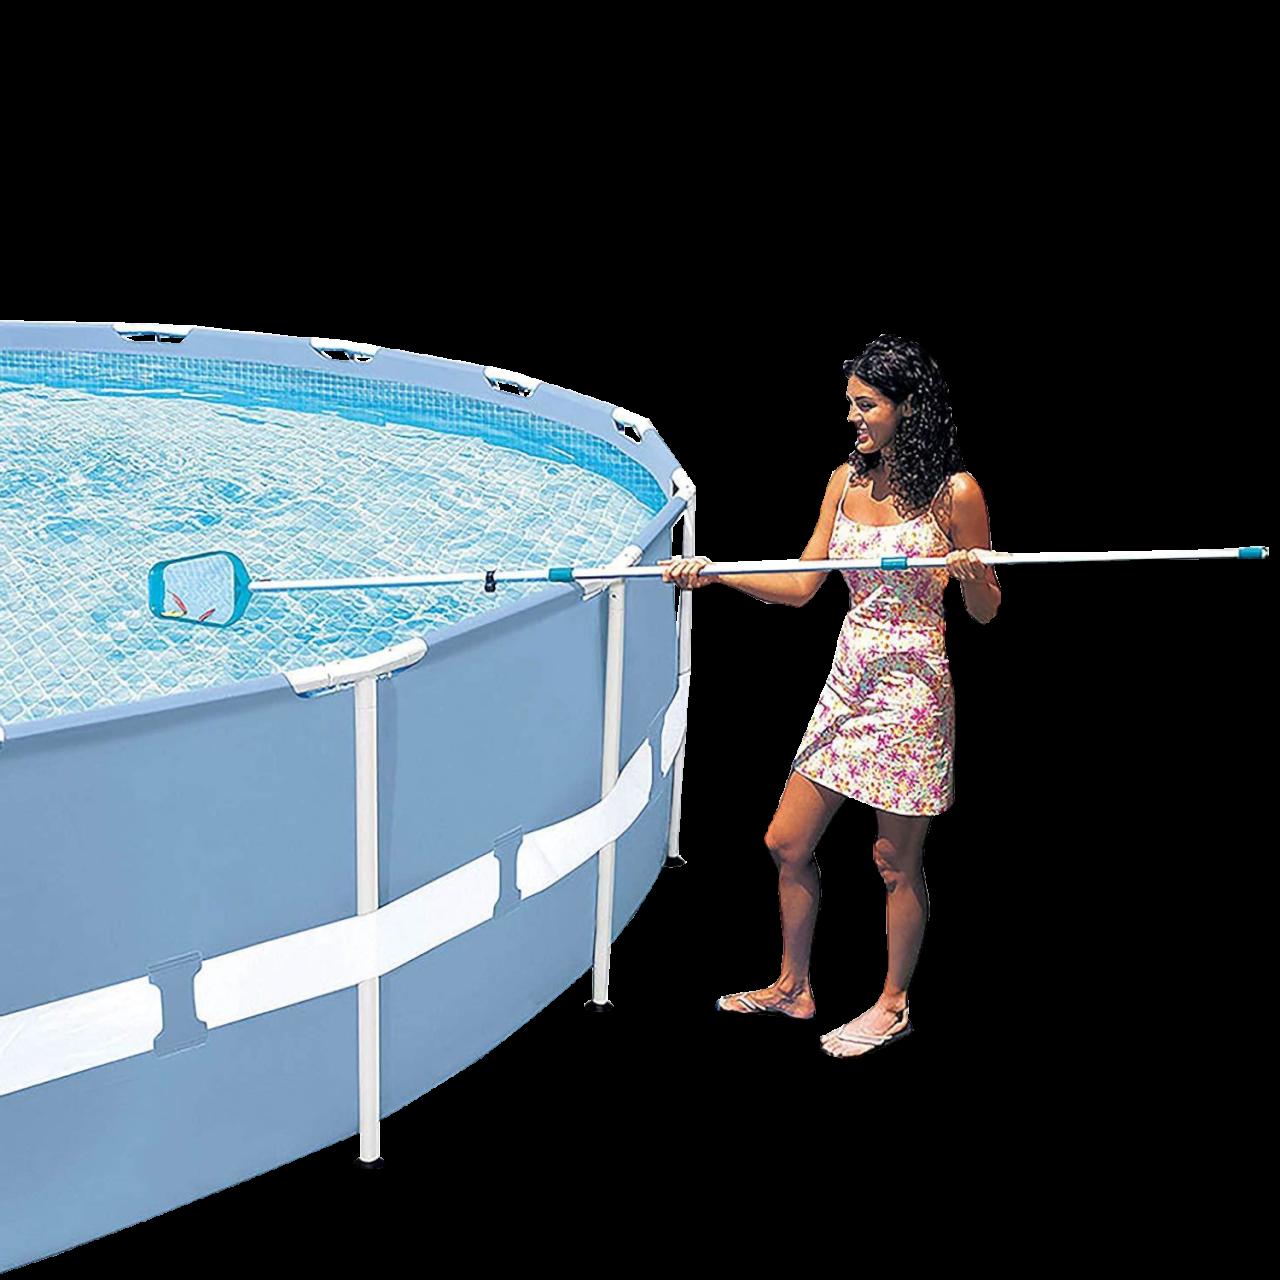 Intex Pool Reinigungsset 28002 mit Kescher Bodensauger und Teleskopstange 3-teil